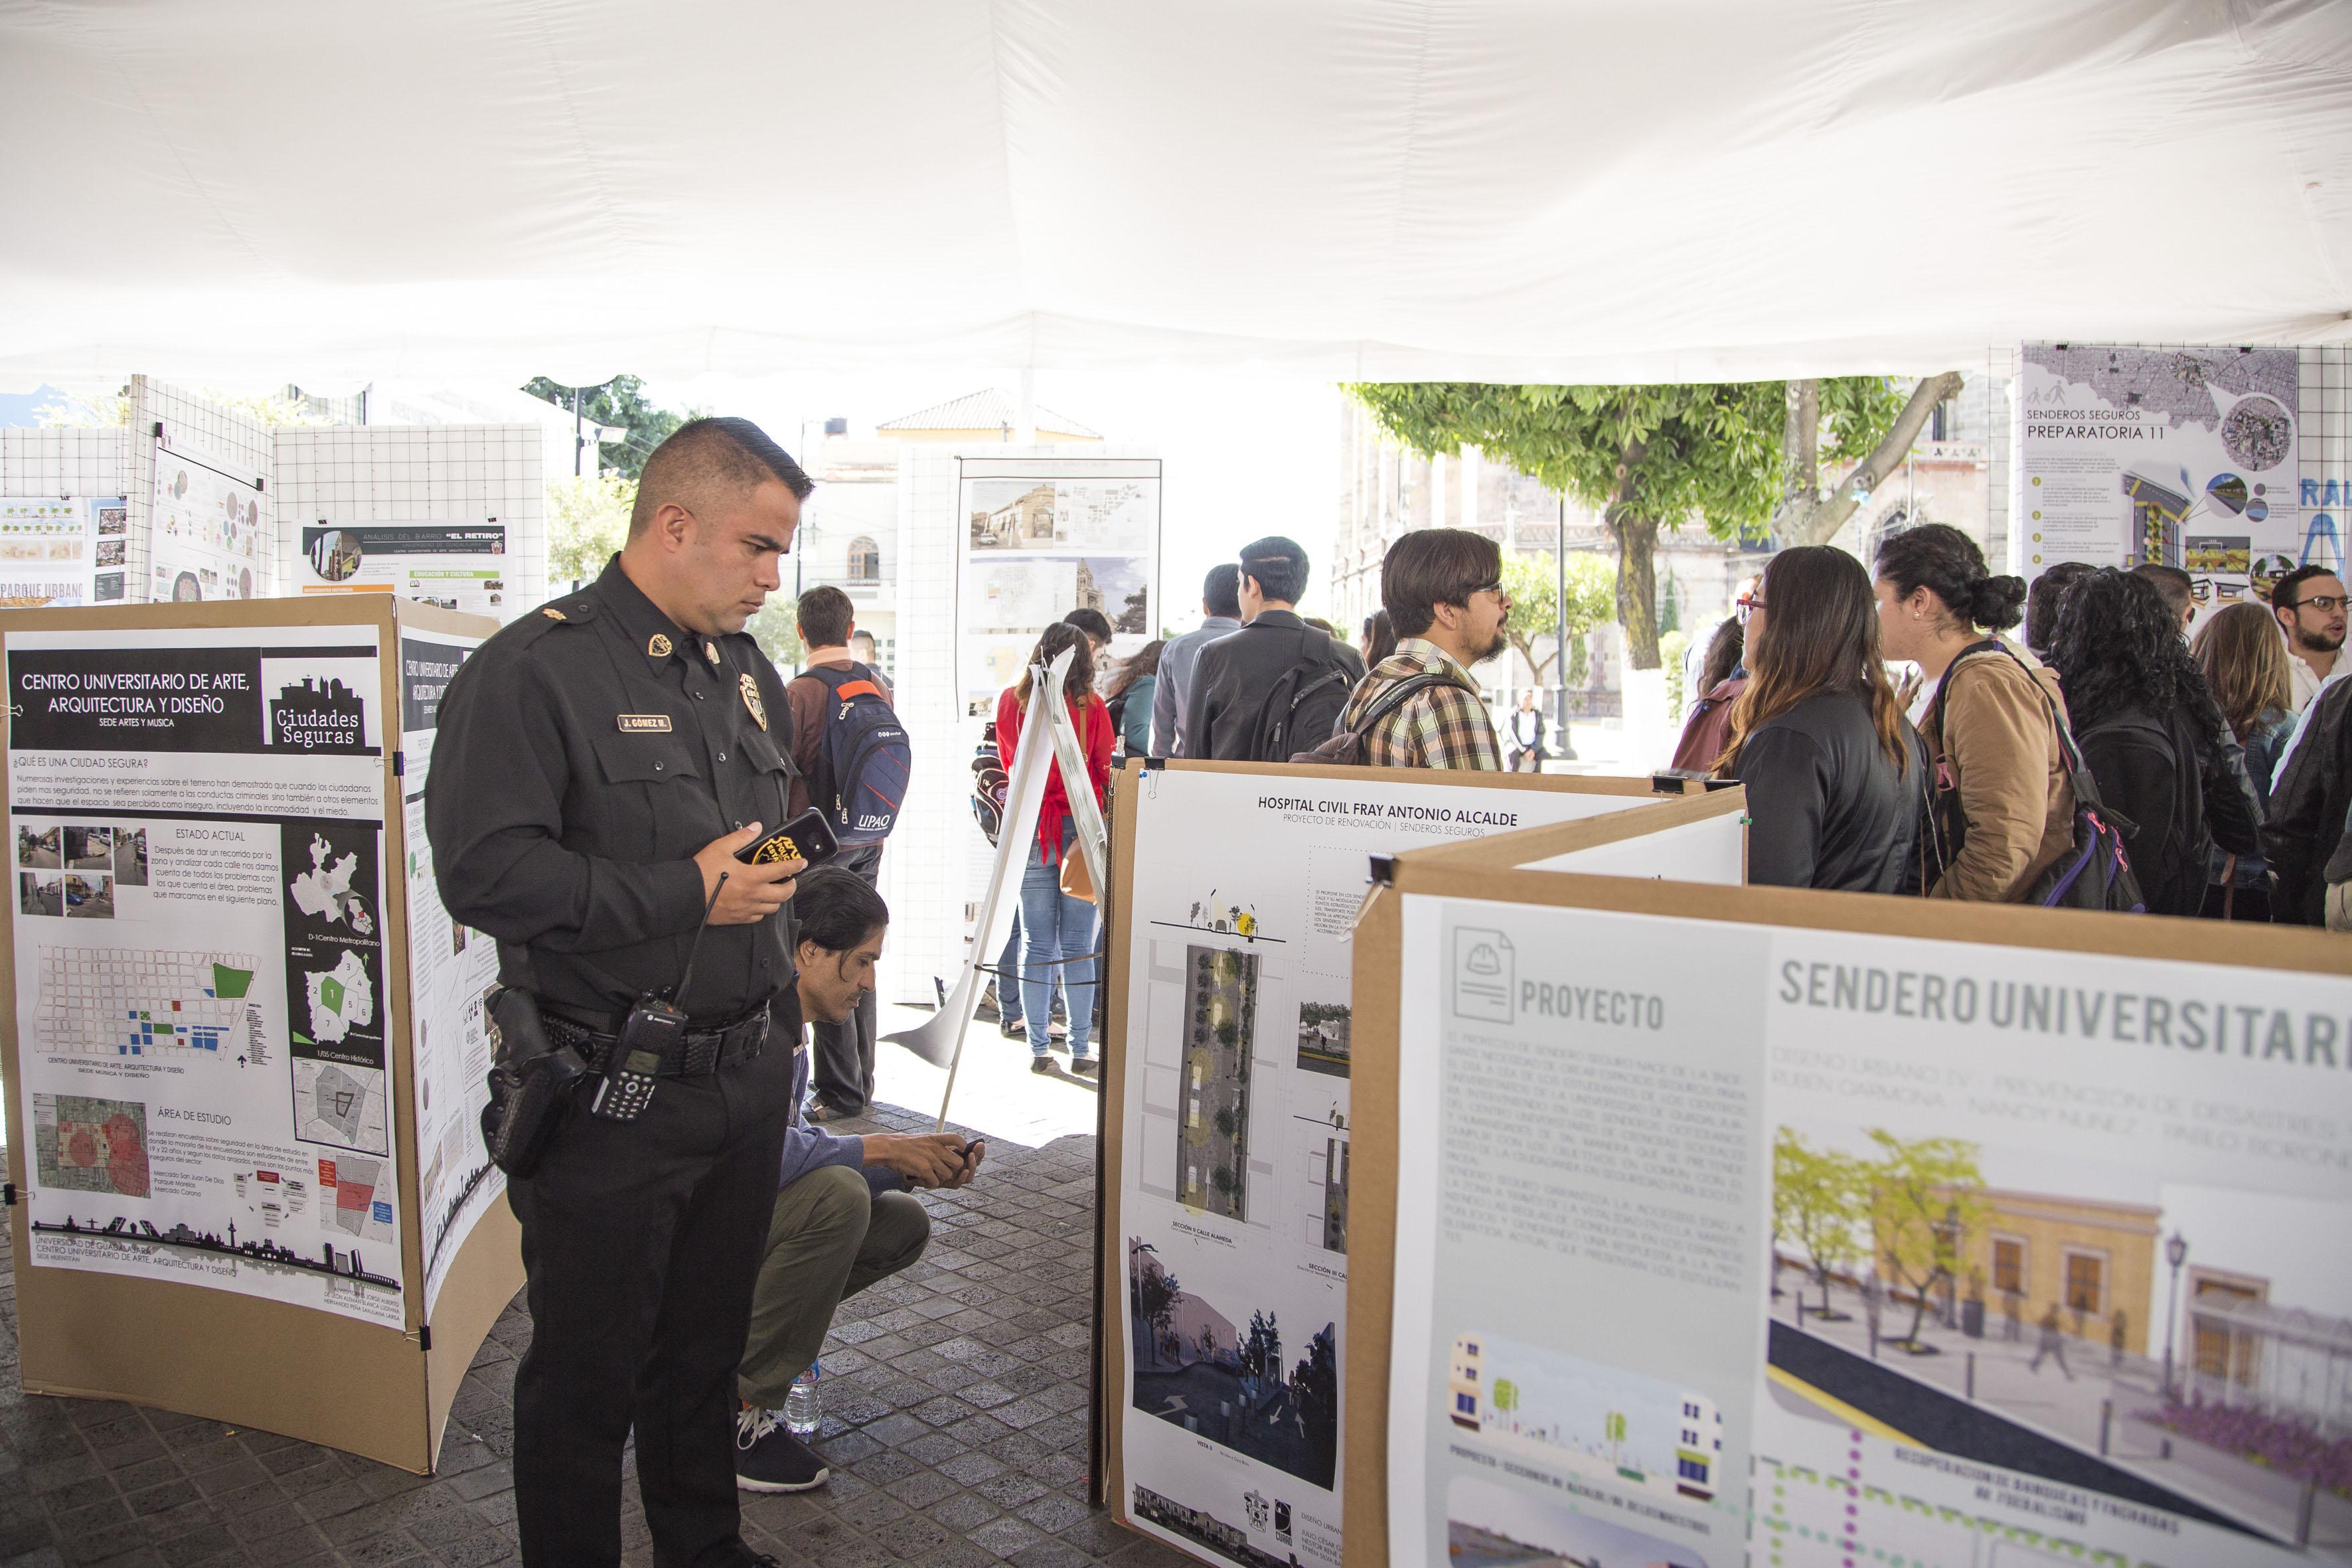 Oficial de la policía estatal observando la exposición